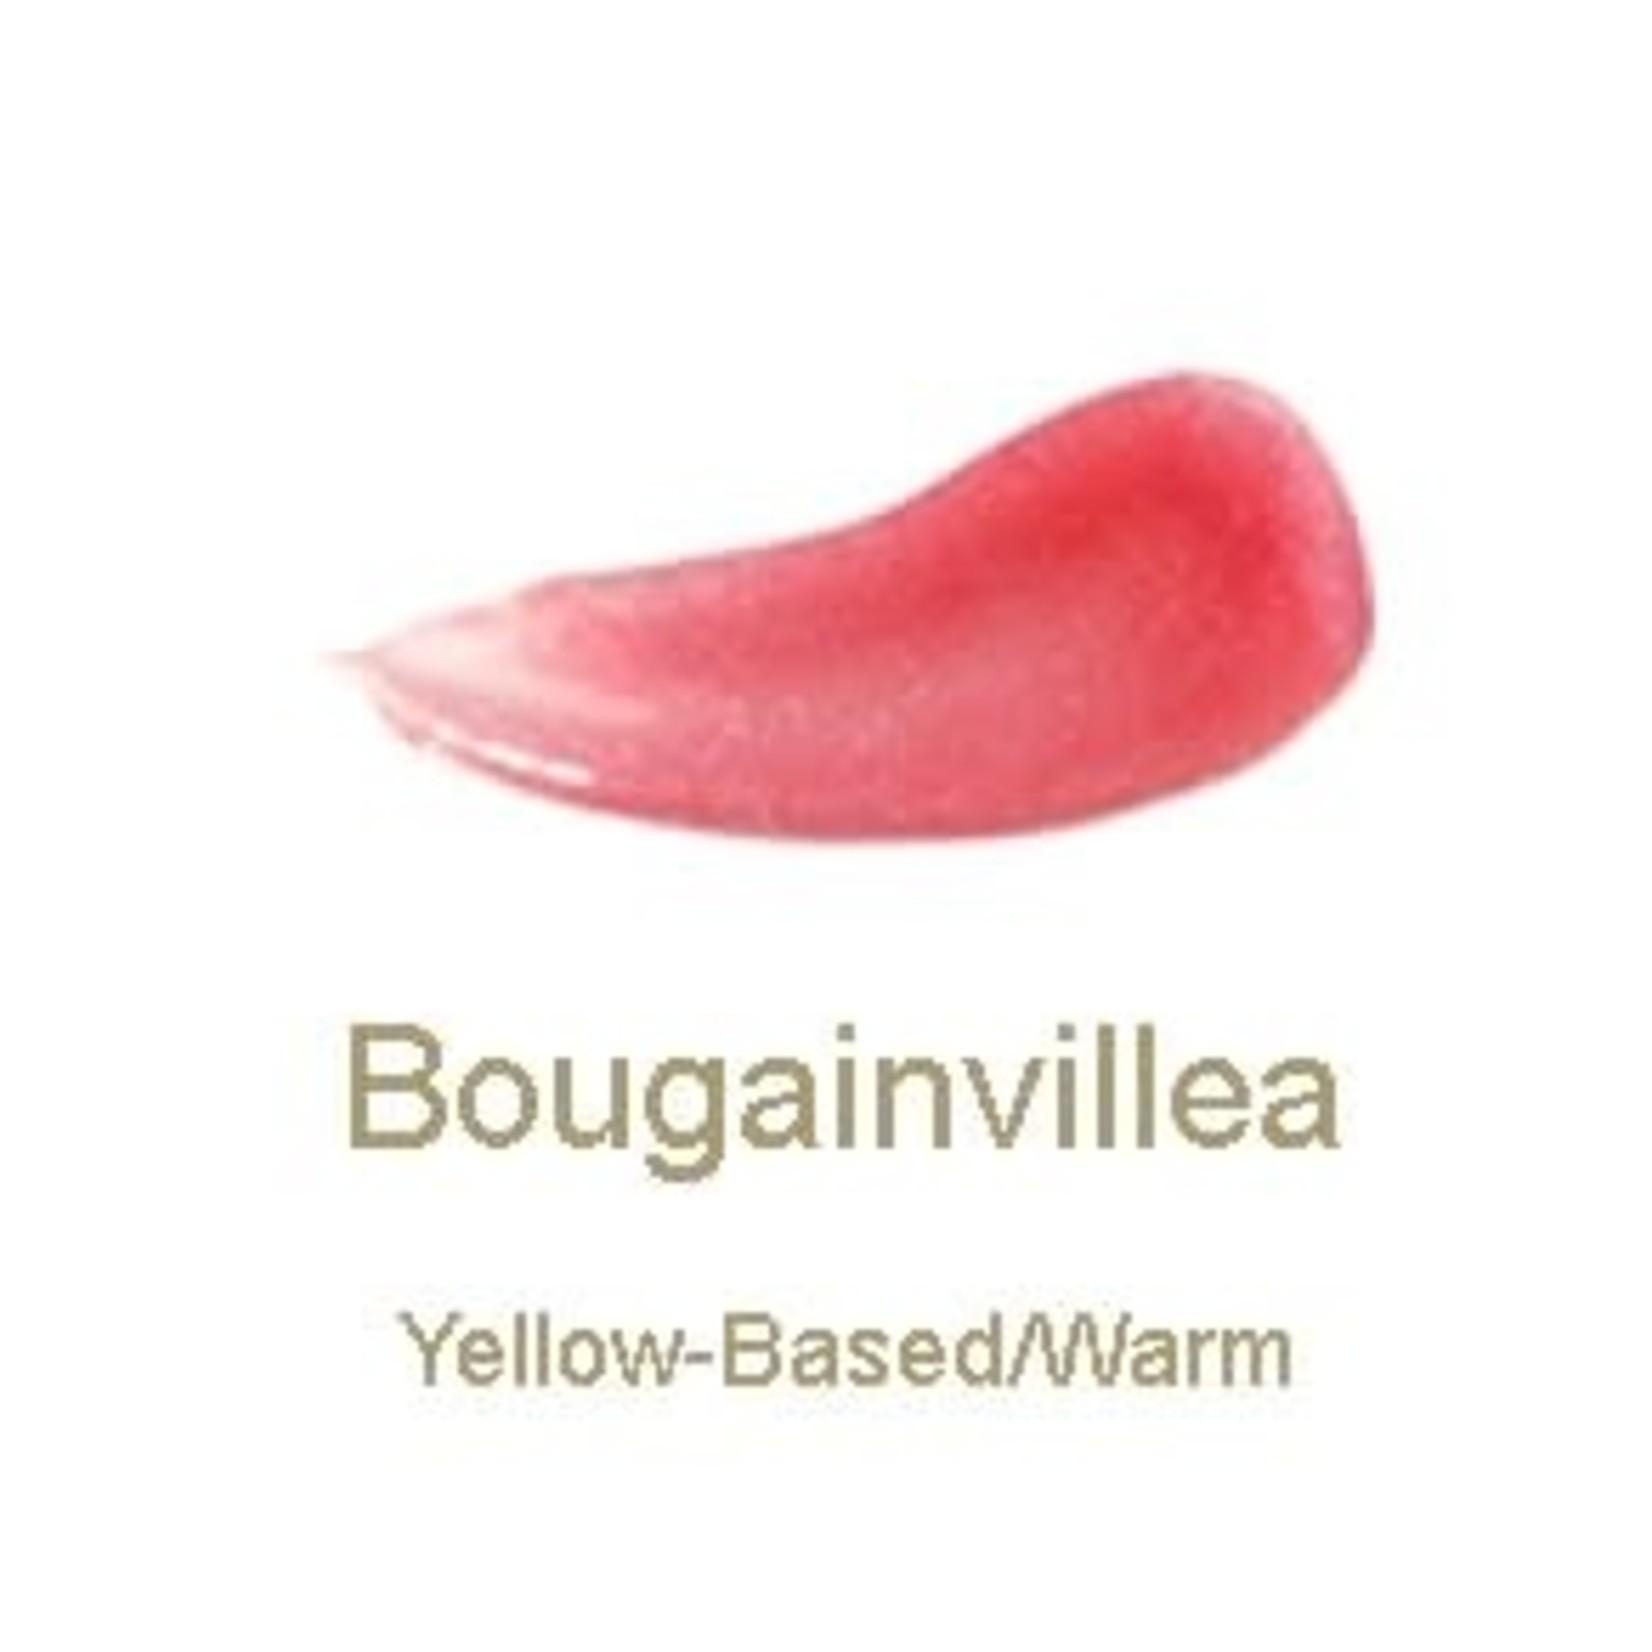 SeneGence LipSense Bouganvillea Gloss